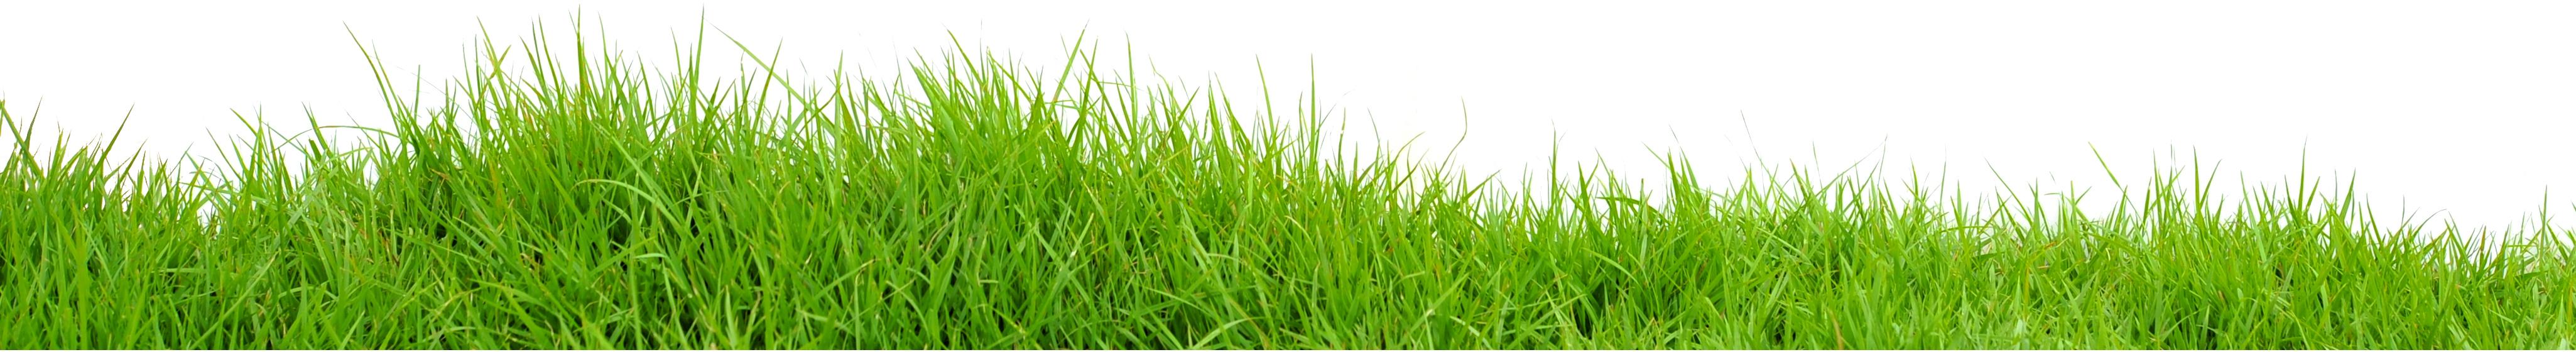 grass_PNG4935